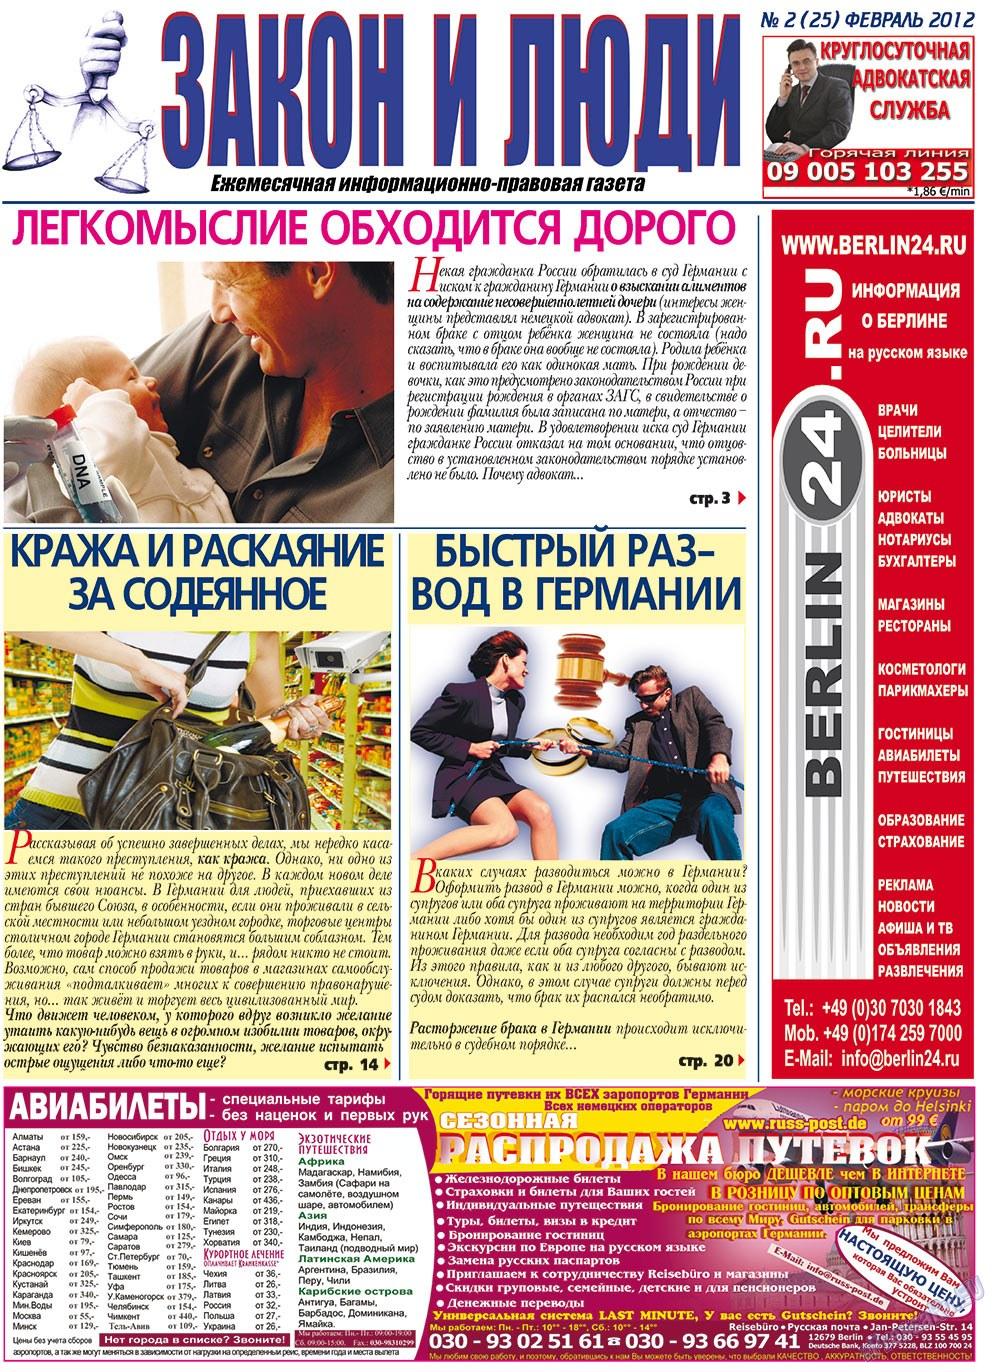 Закон и люди (газета). 2012 год, номер 2, стр. 1